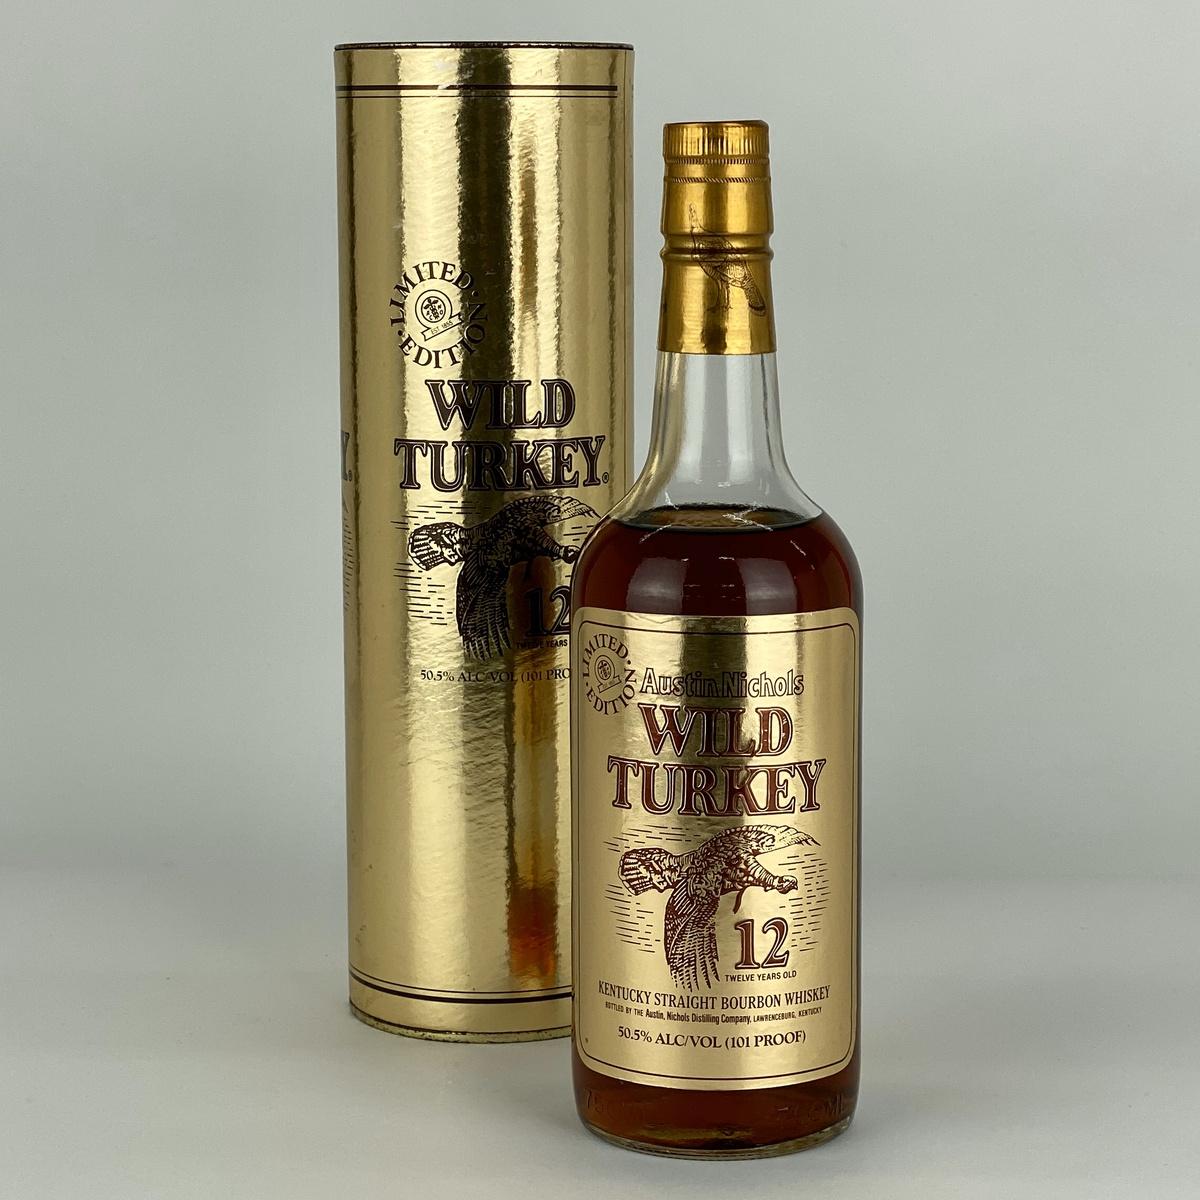 ワイルドターキー WILD TURKEY 12年 ゴールドラベル バーボン 750ml アメリカンウイスキー 【古酒】